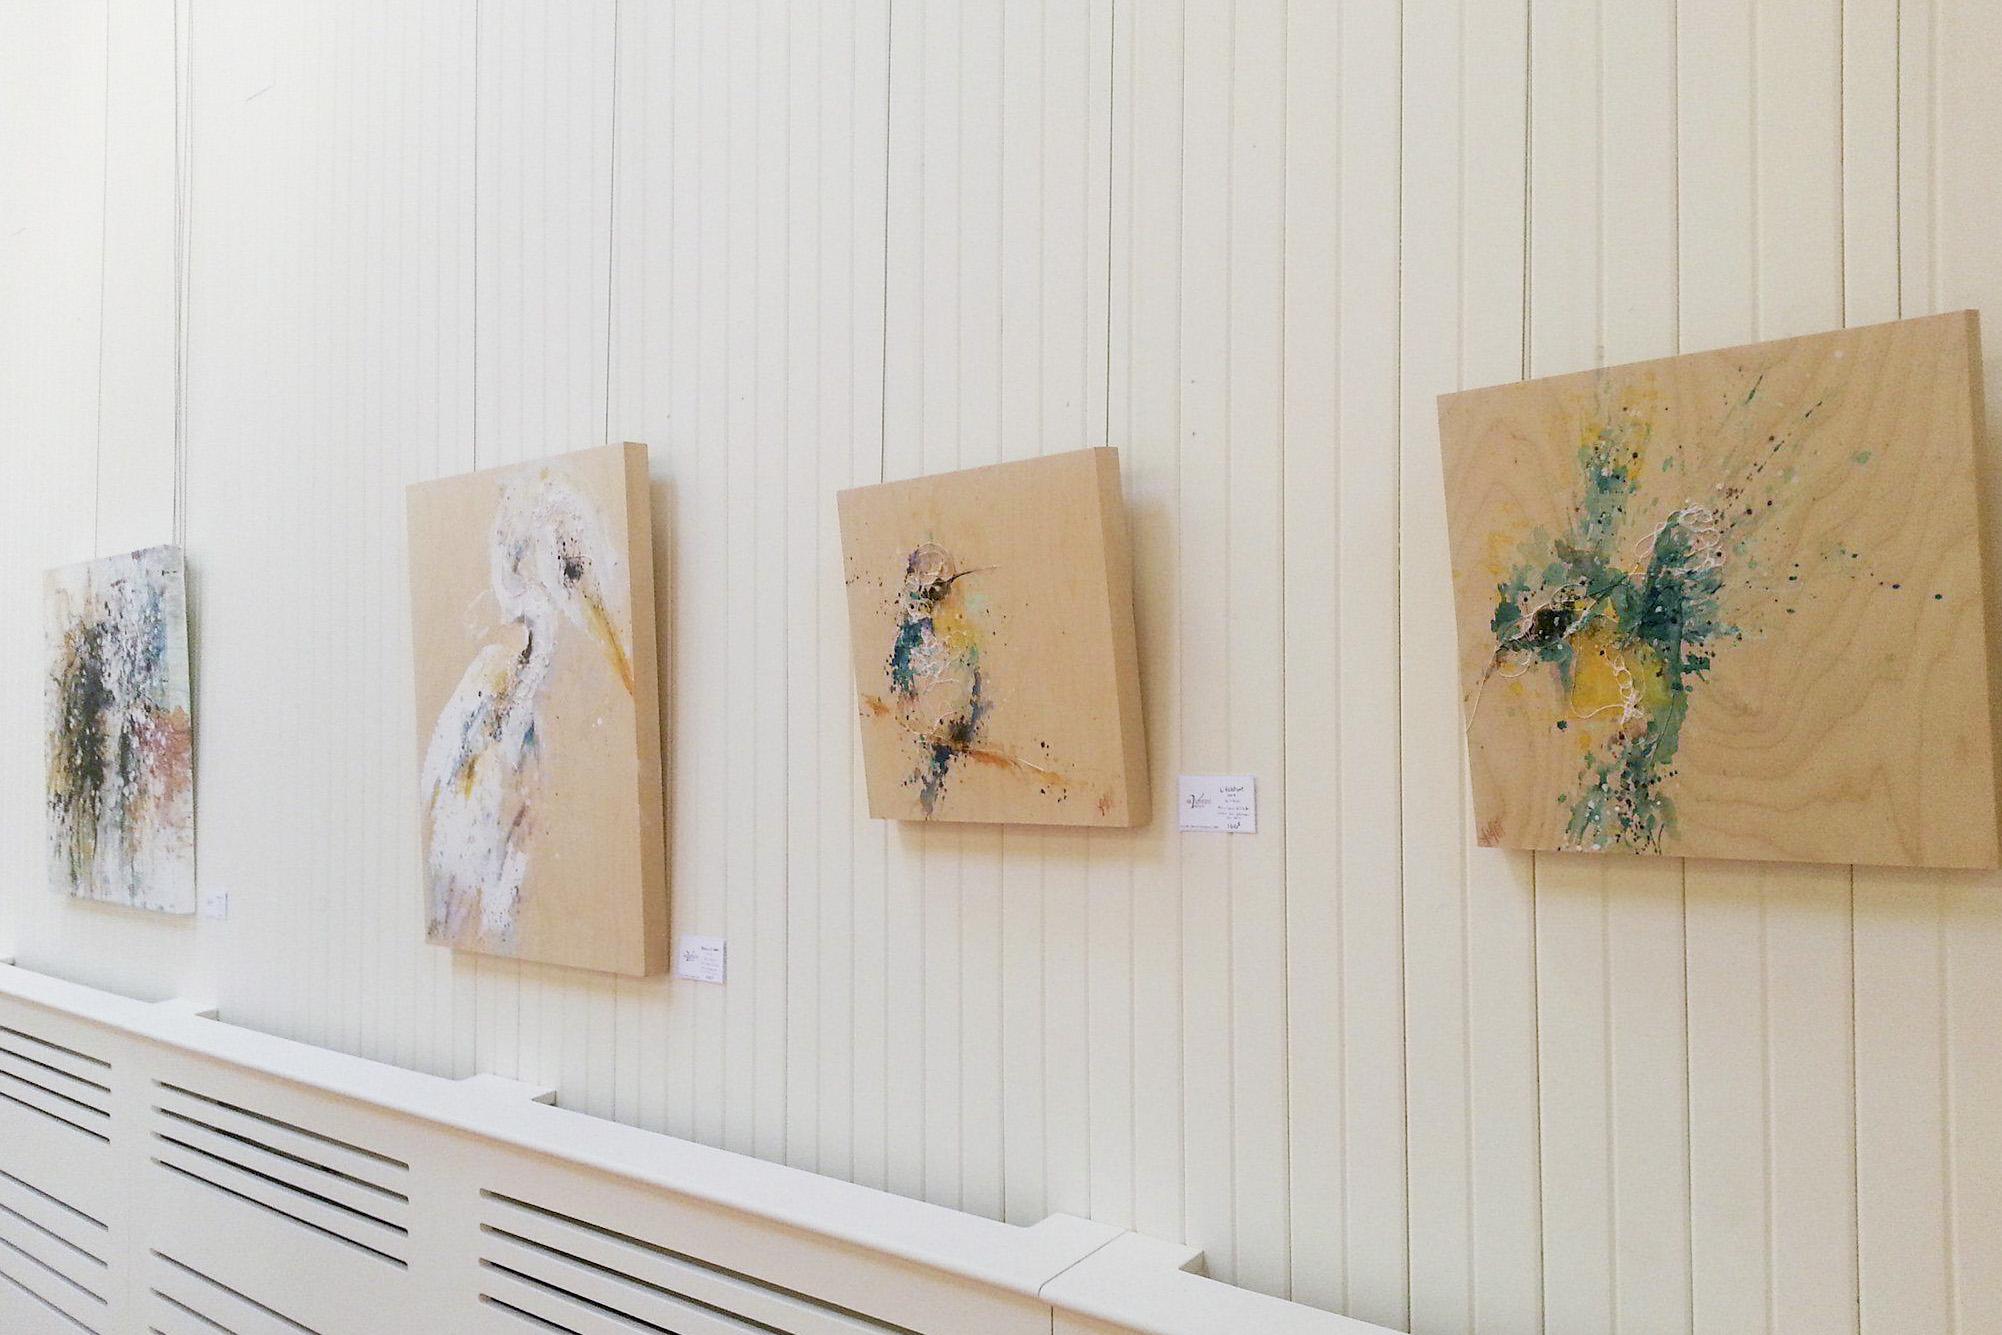 Quelques oeuvres de l'exposition solo de l'artiste Anne-Marie Villeneuve au Manoir-Papineau, à Montebello.